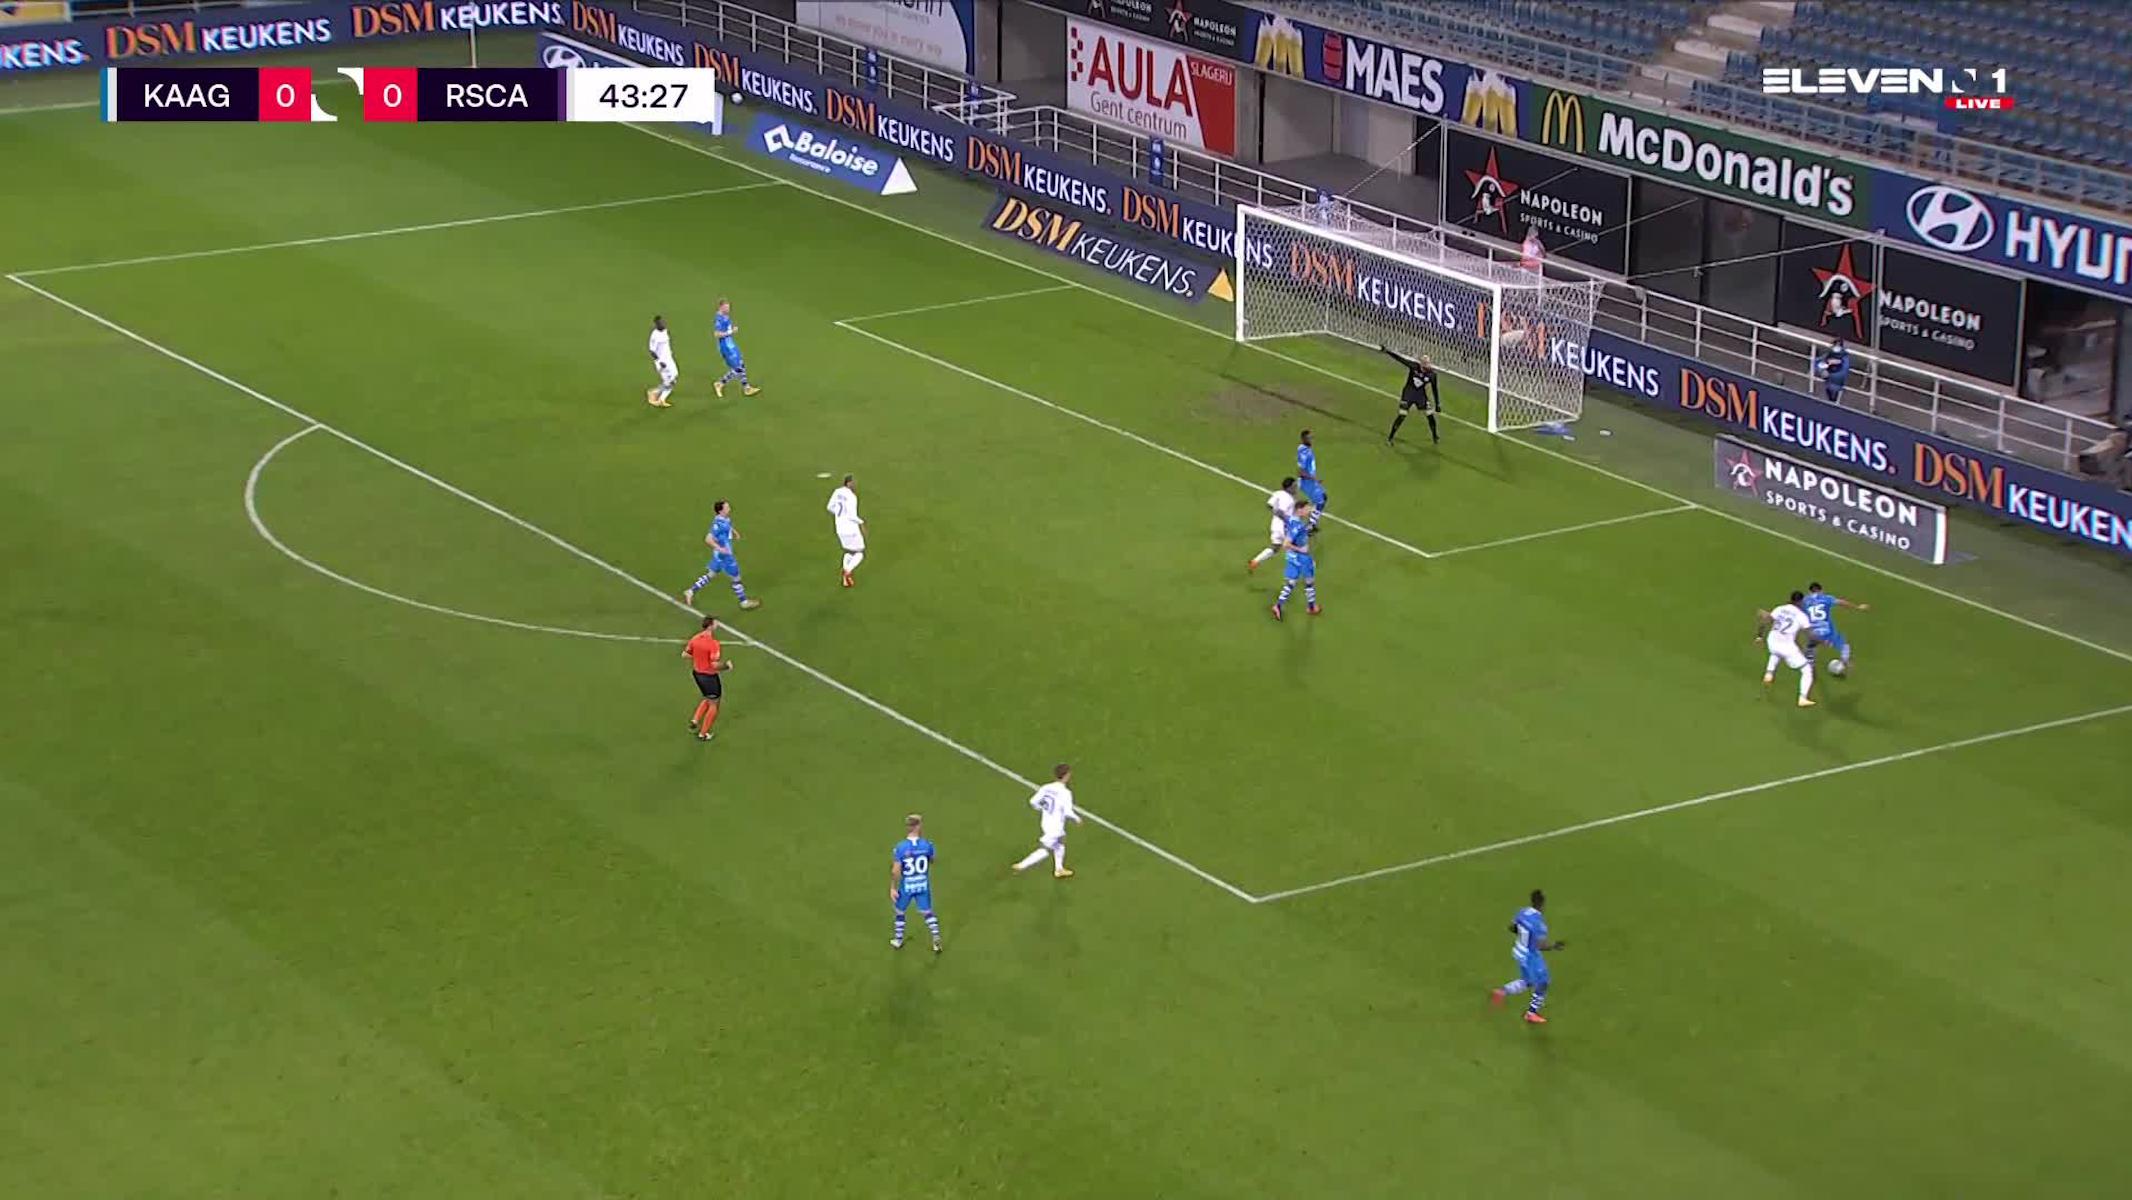 But Michael Murillo (KAA Gent vs. RSC Anderlecht)